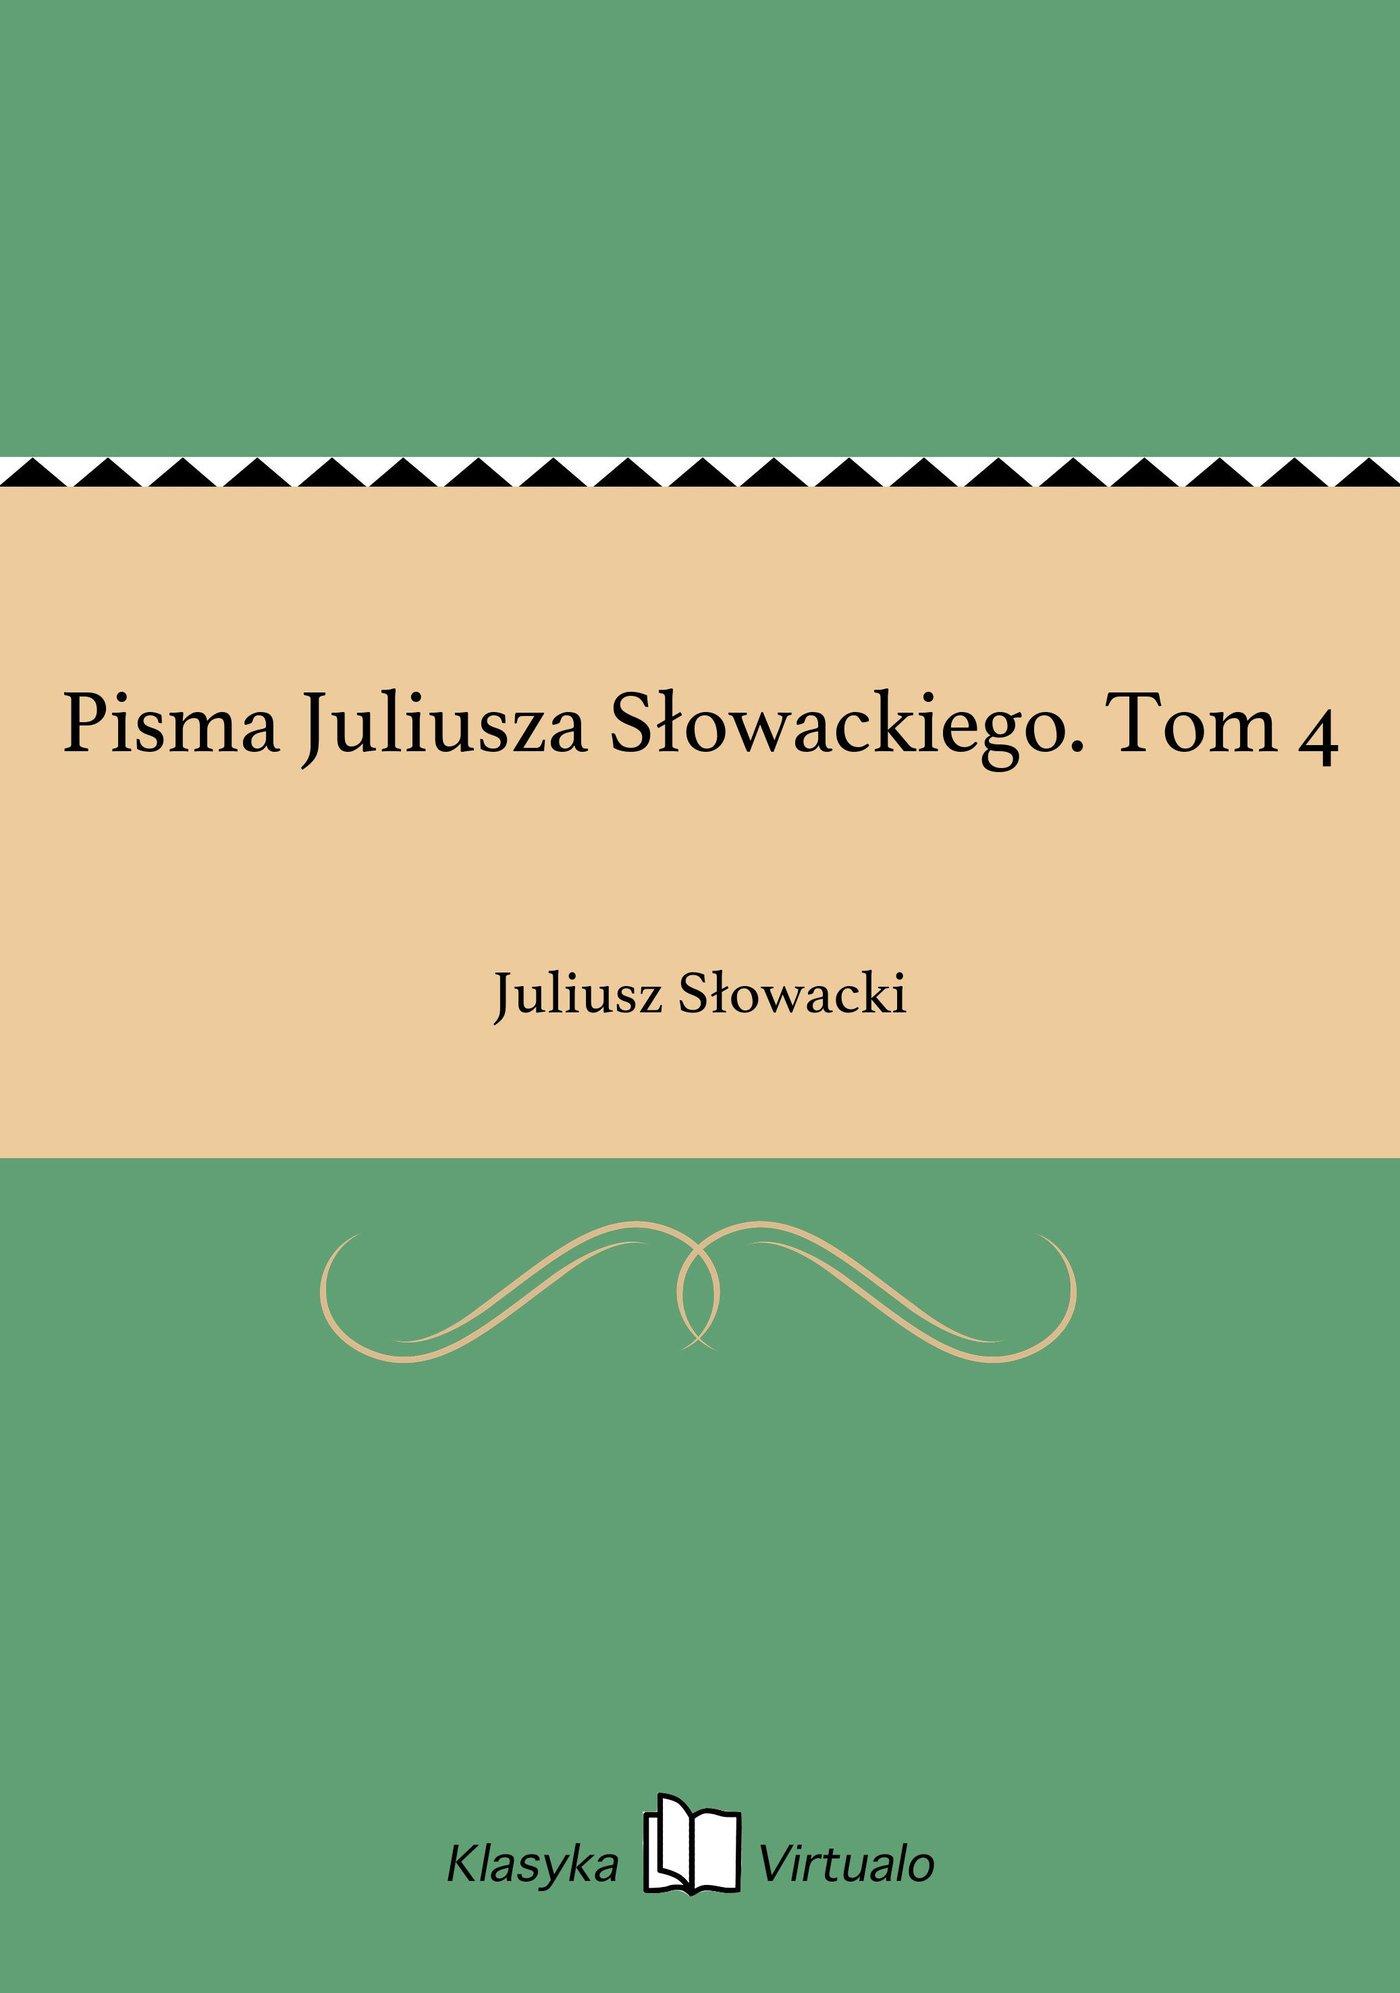 Pisma Juliusza Słowackiego. Tom 4 - Ebook (Książka EPUB) do pobrania w formacie EPUB